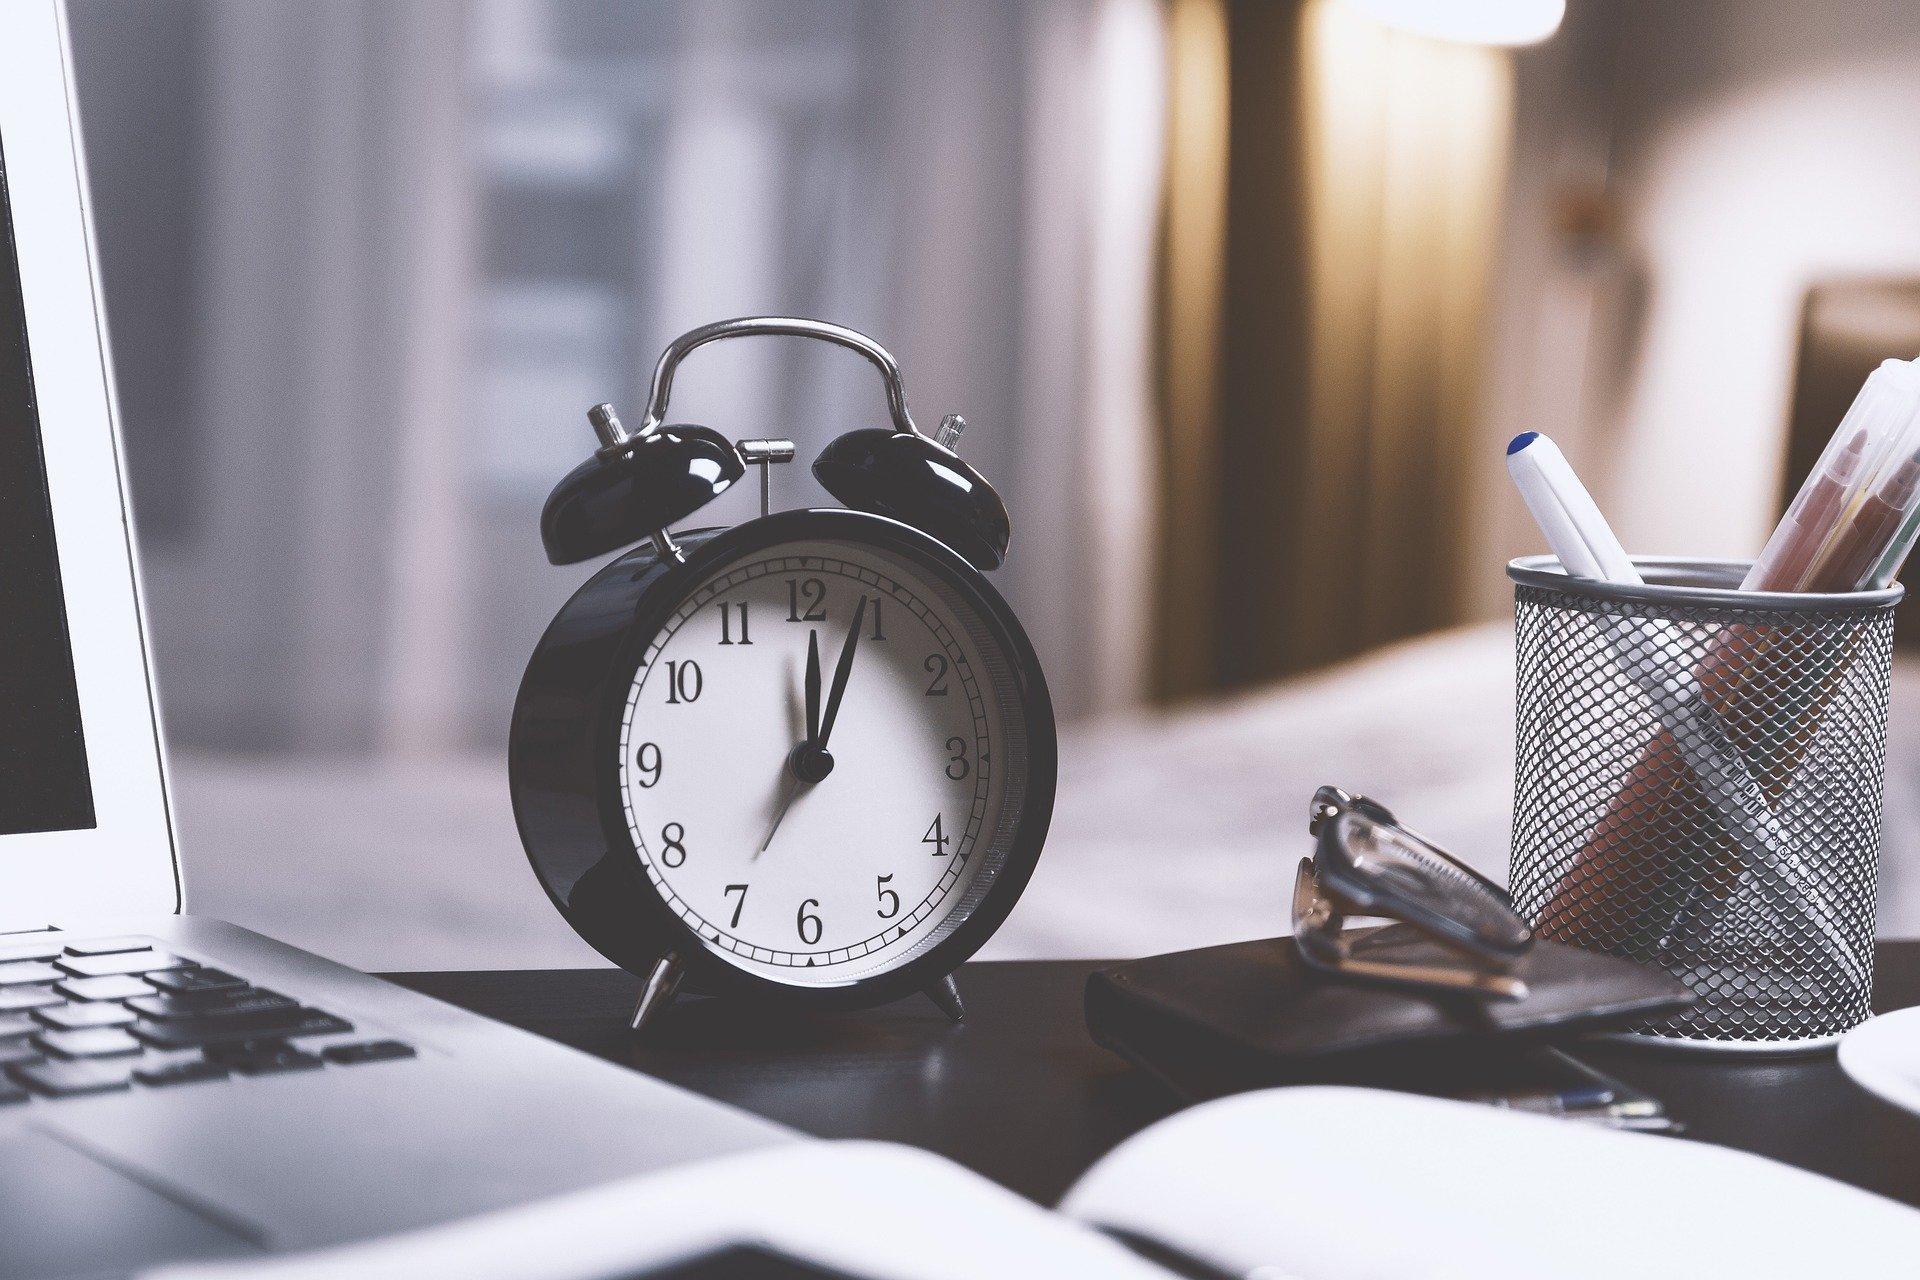 夜職から昼職へ転職する際の流れやかかる期間は?